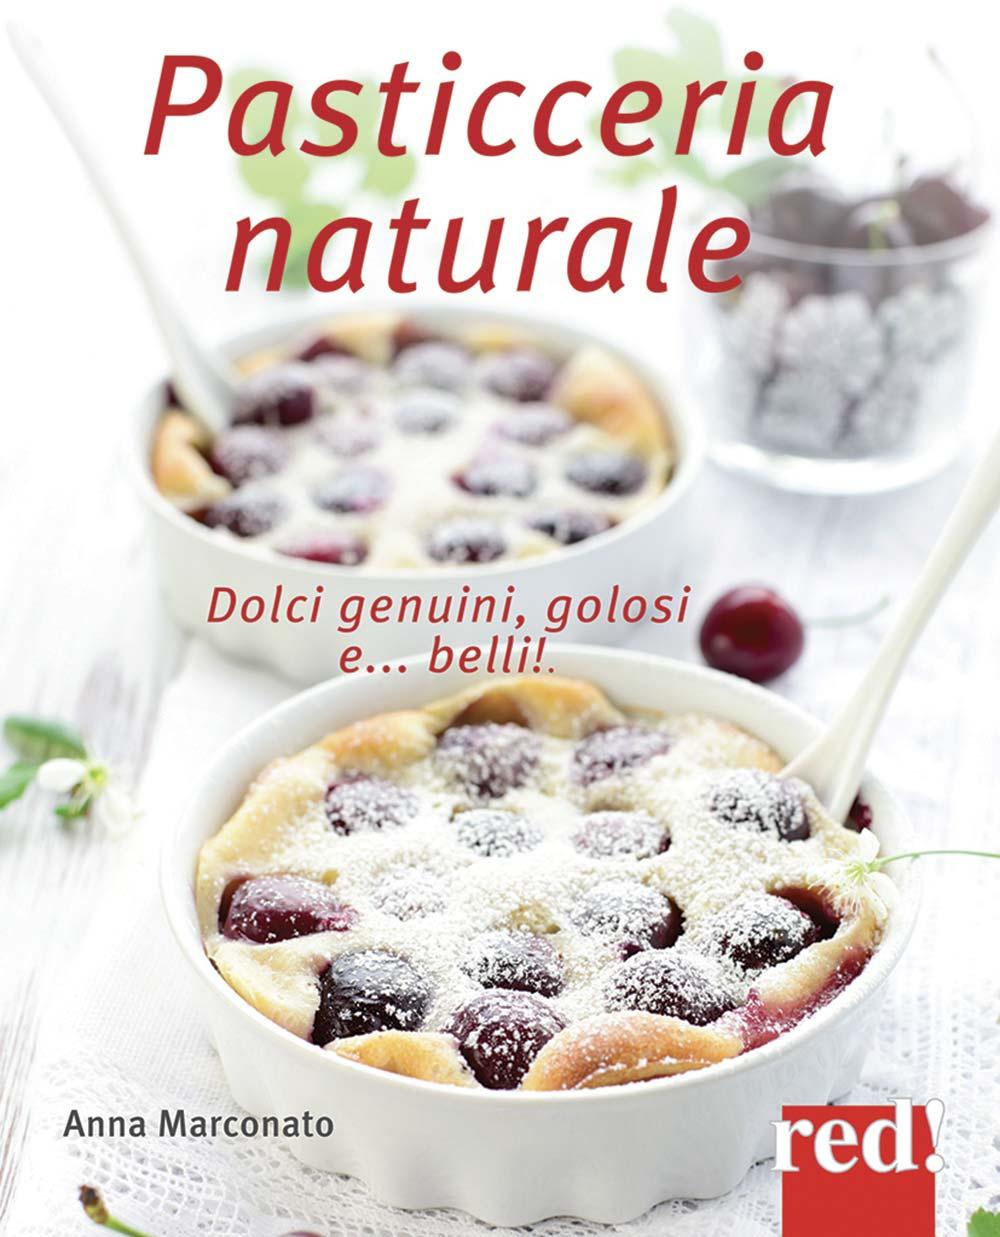 Image of Pasticceria naturale